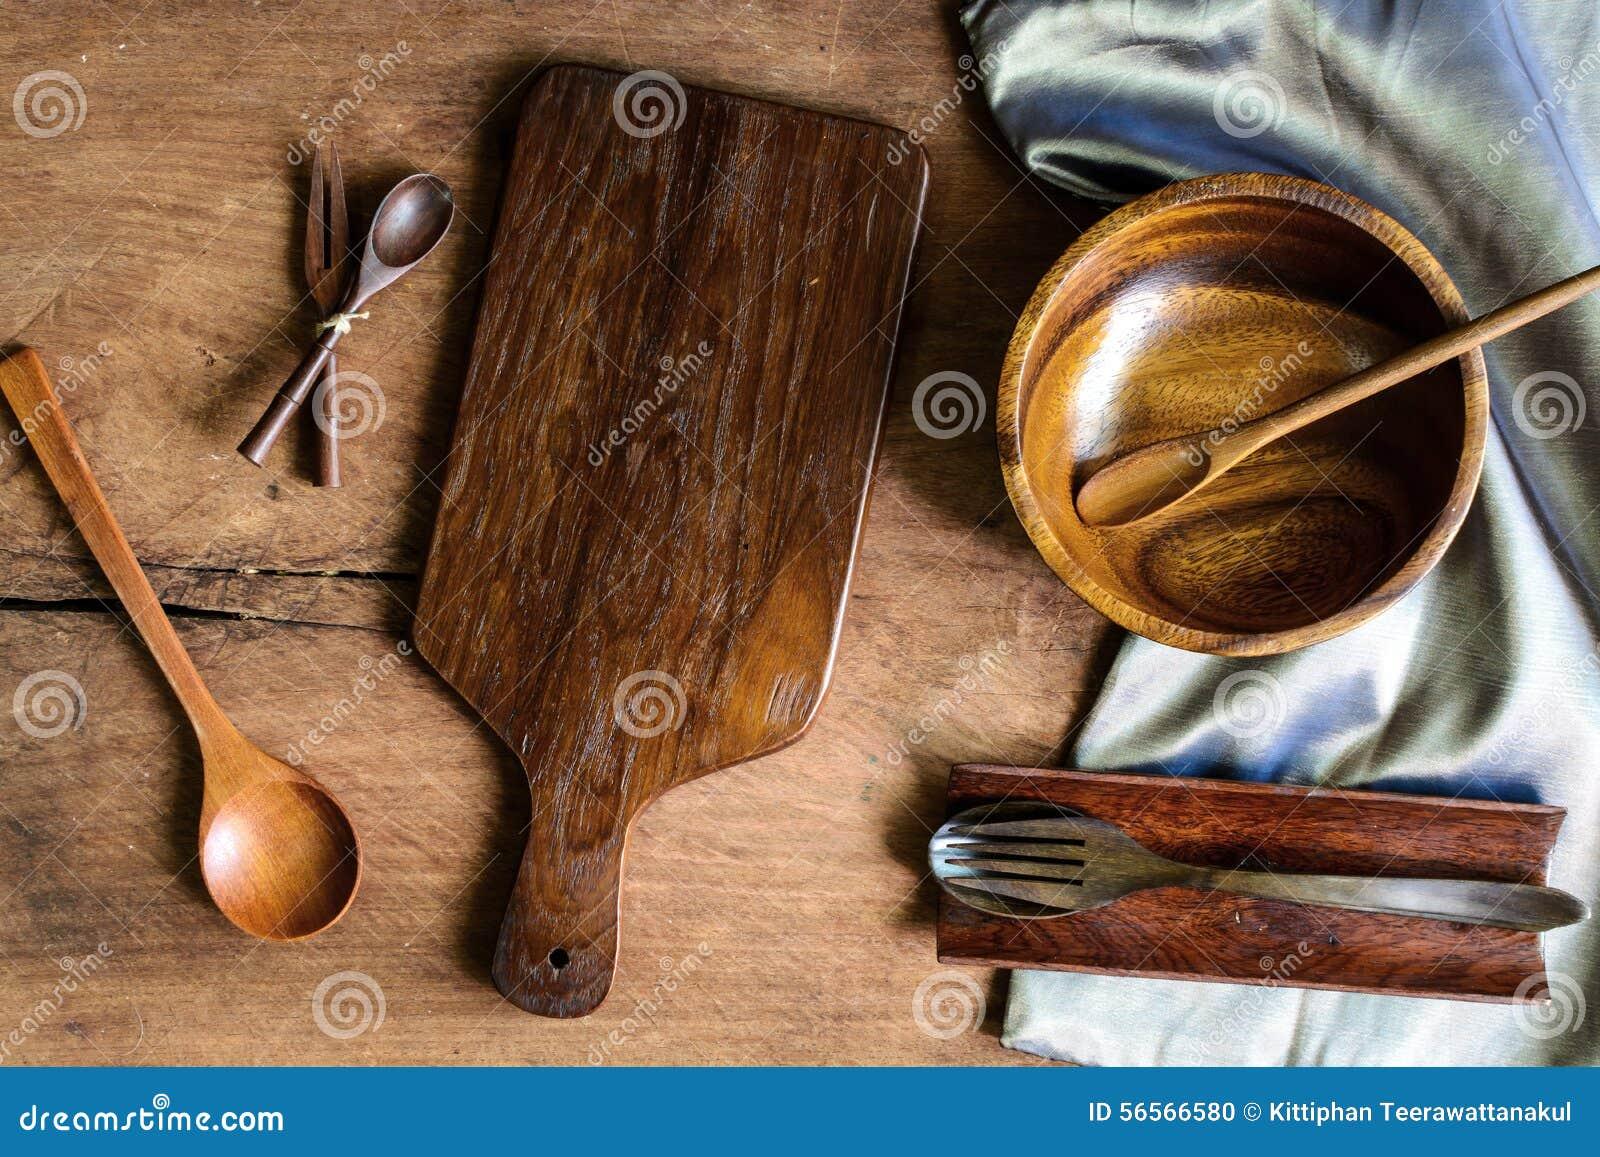 Download Ξύλινο εργαλείο στην κουζίνα στο παλαιό ξύλινο υπόβαθρο Στοκ Εικόνες - εικόνα από καλλιέργεια, ξύλινος: 56566580